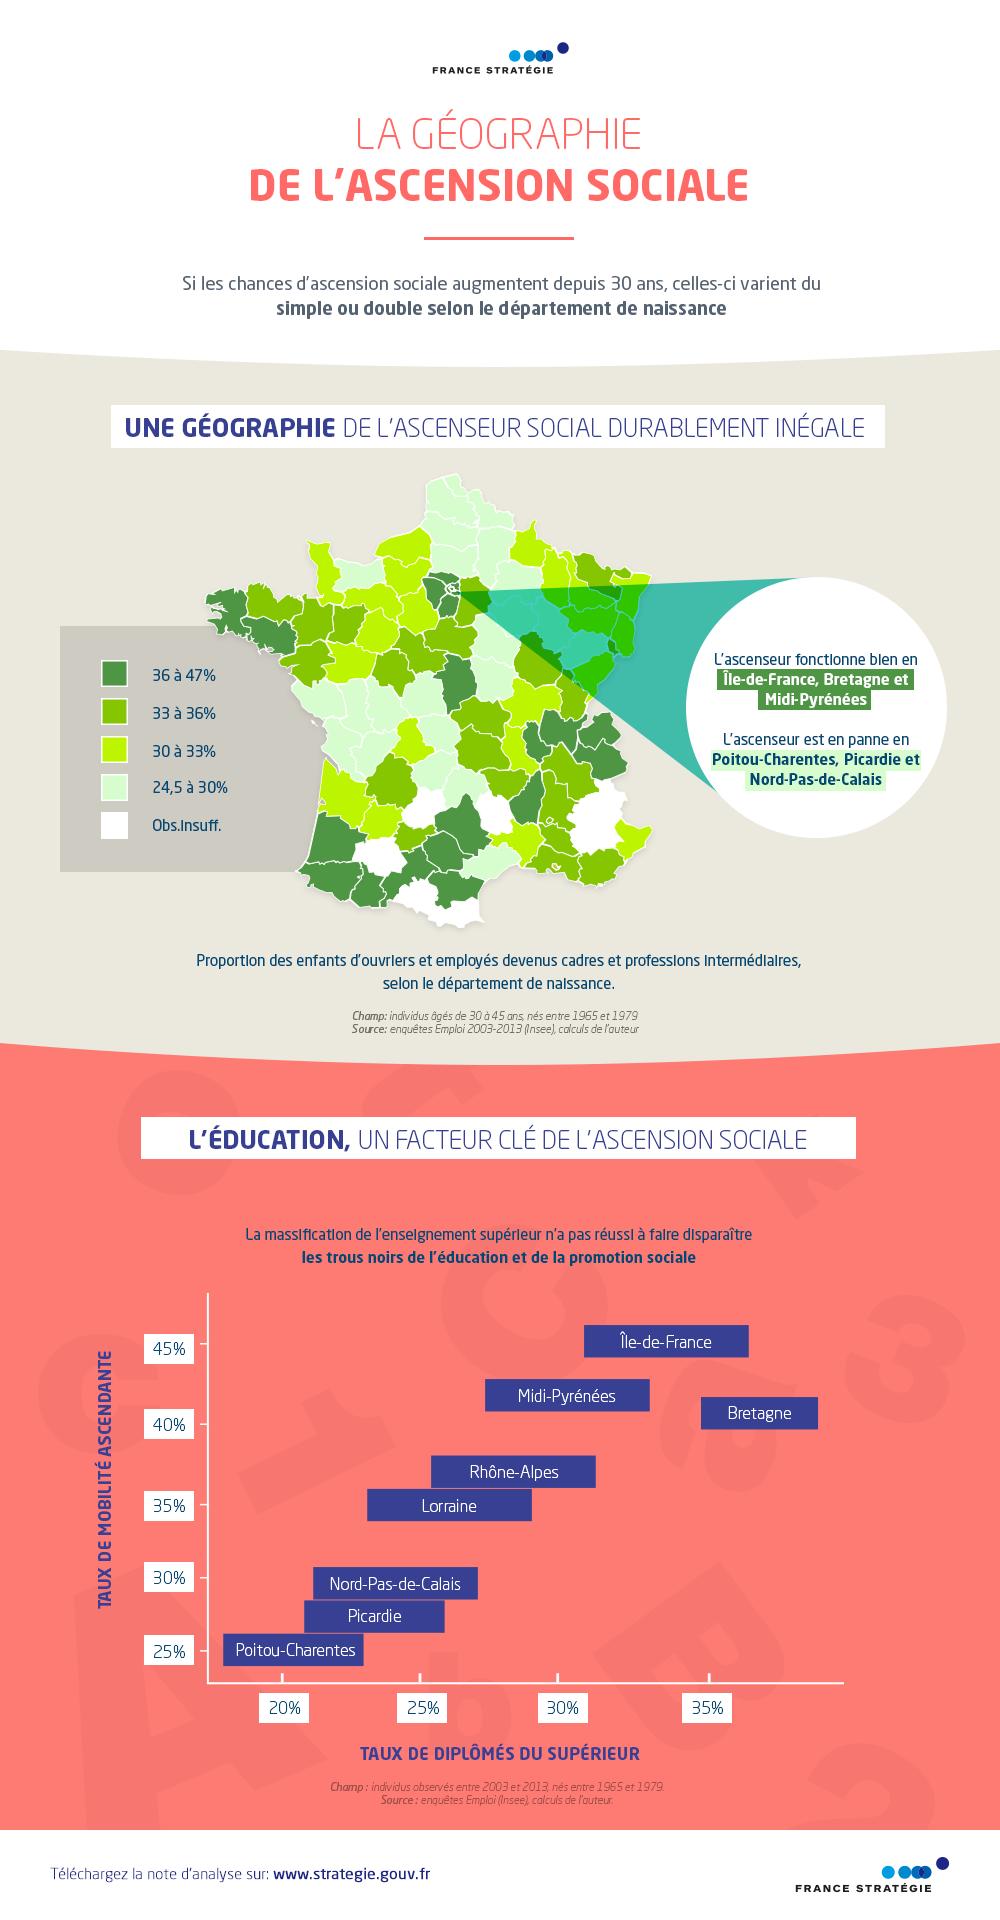 La géographie de l'ascension sociale infographie